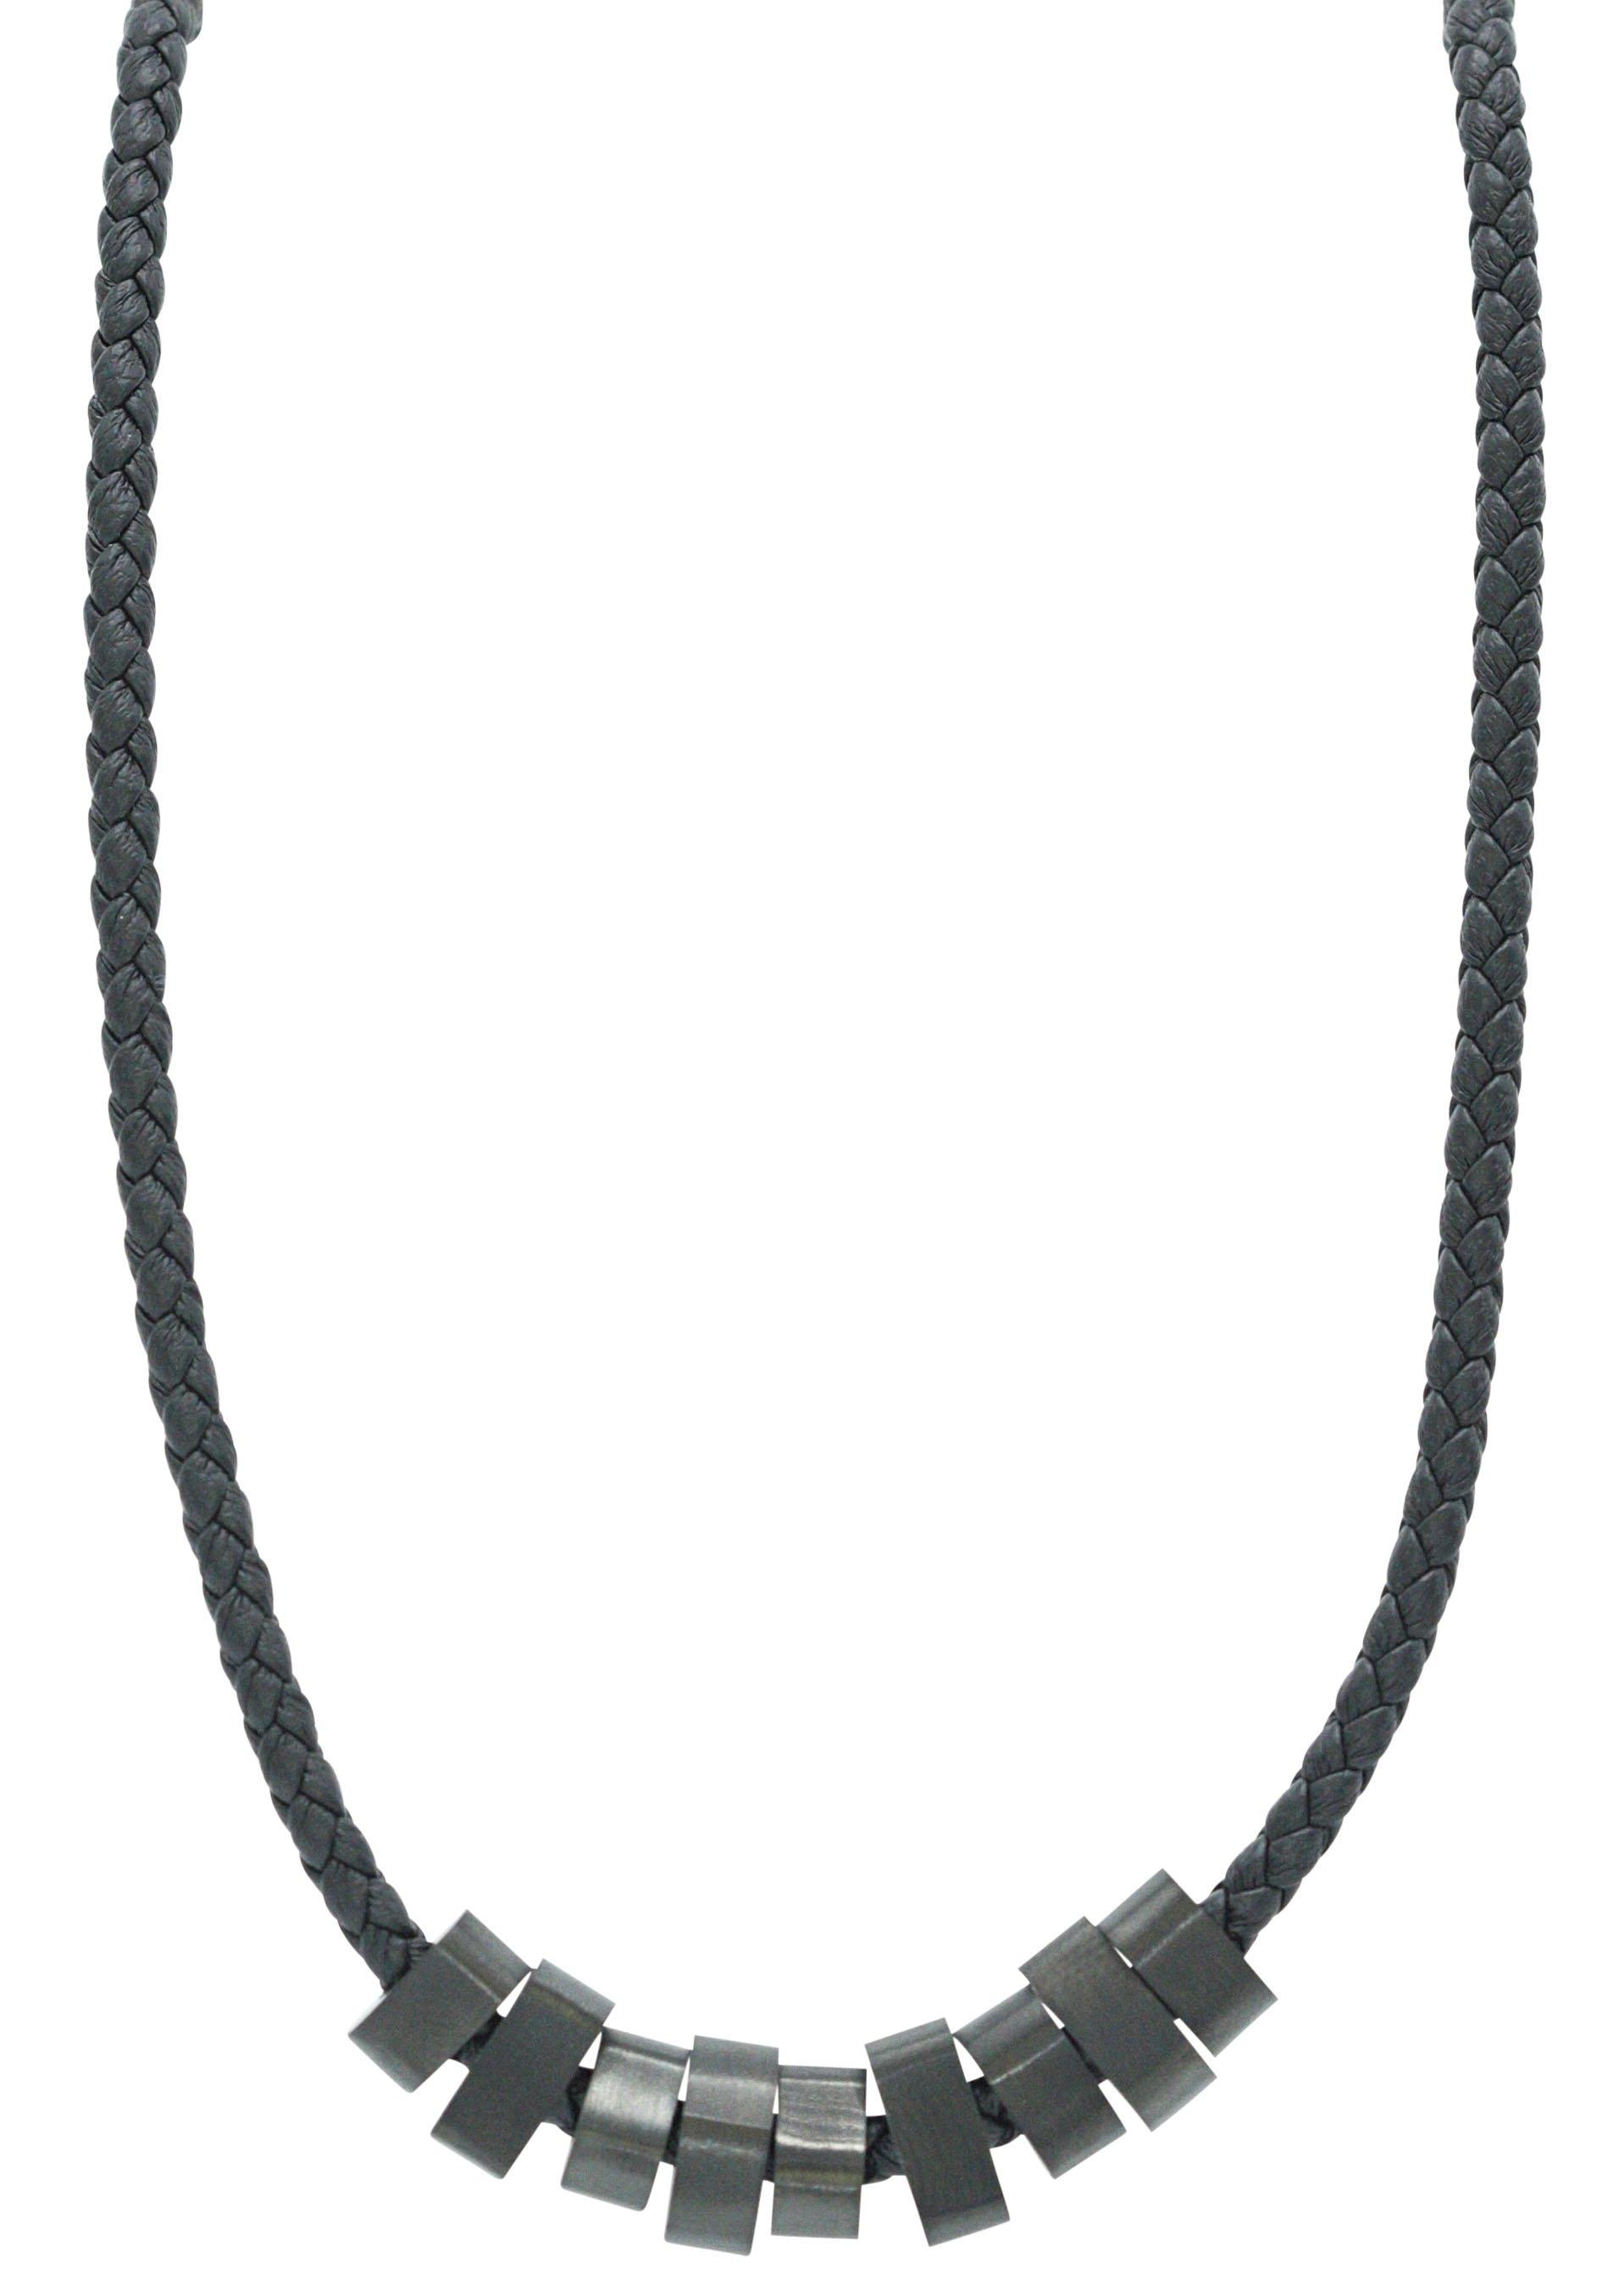 STEELWEAR Ketting met hanger London, SW-642 voordelig en veilig online kopen